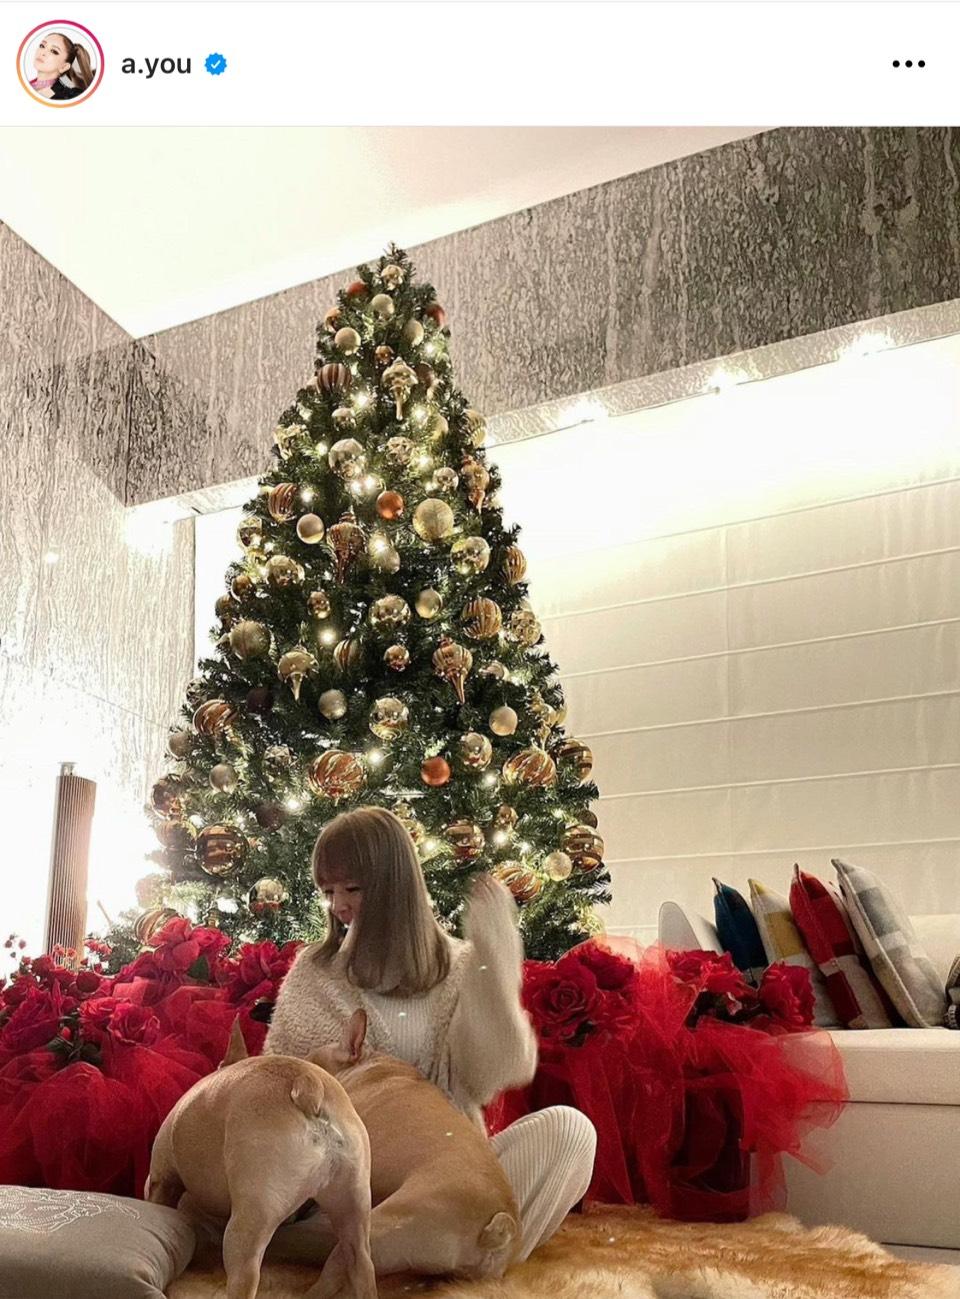 「部屋が豪華!!」浜崎あゆみ、クリスマス仕様な自宅の様子&ニューヘア写真を公開「理想のクリスマスツリー」